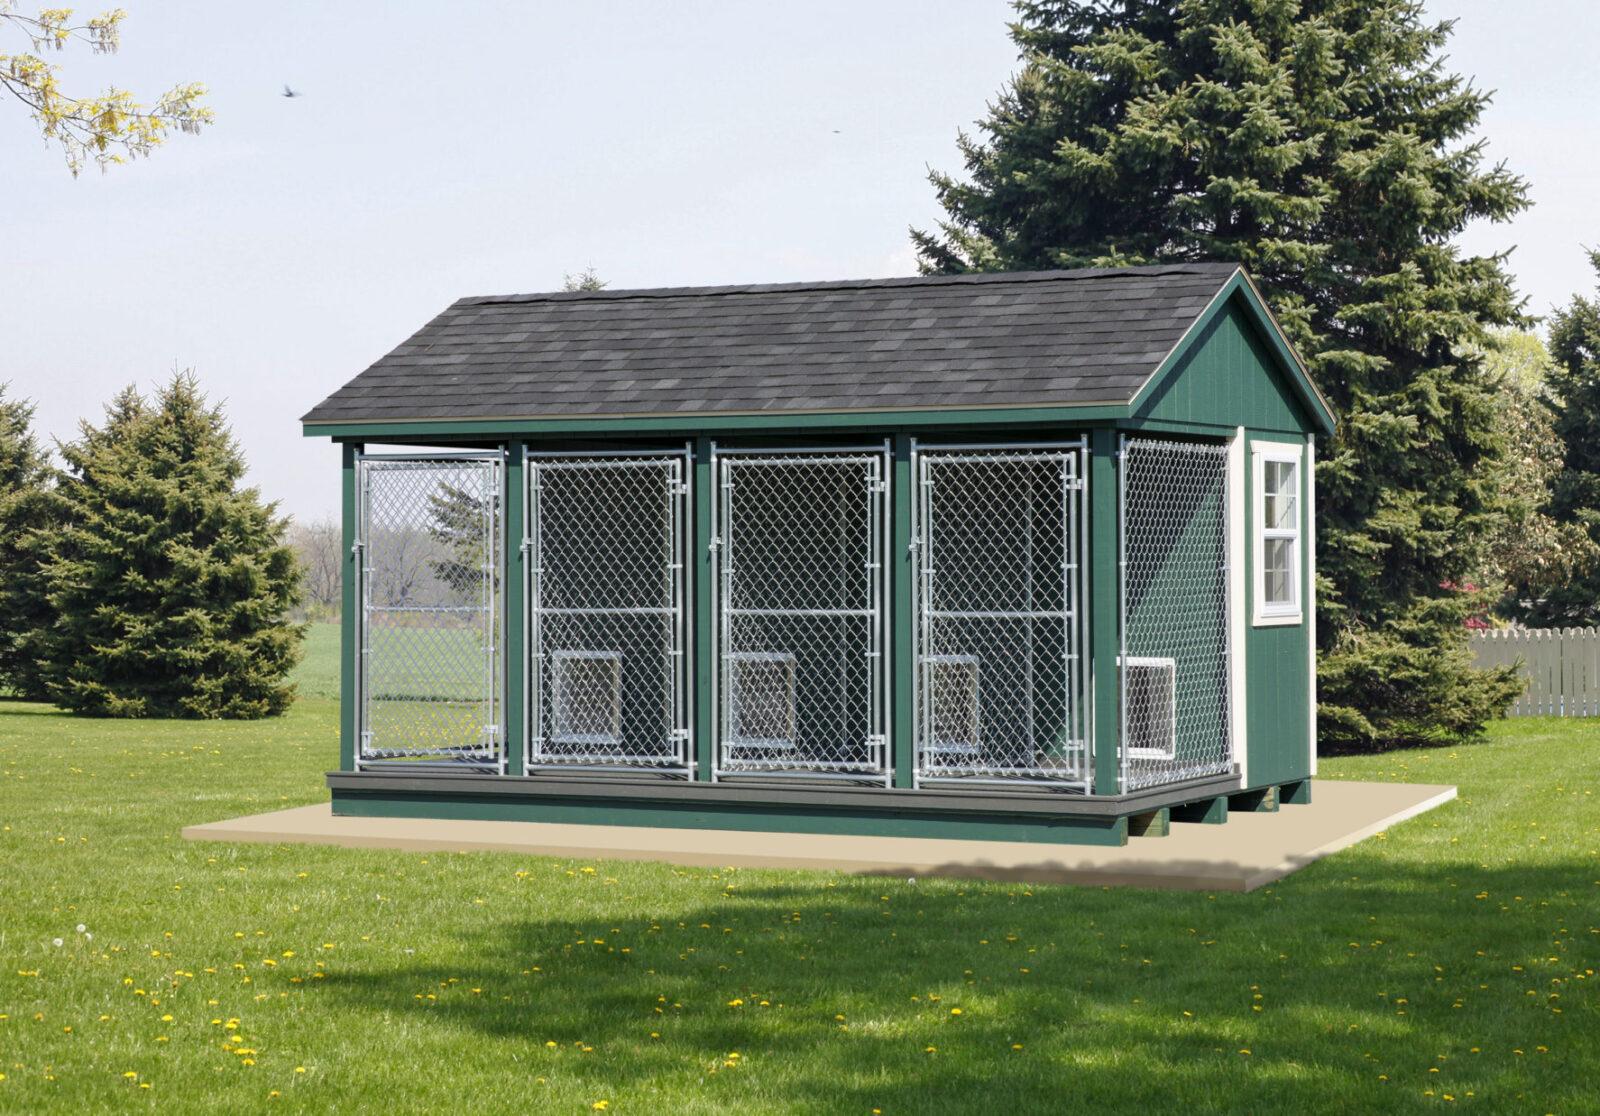 4 box puppy kennels